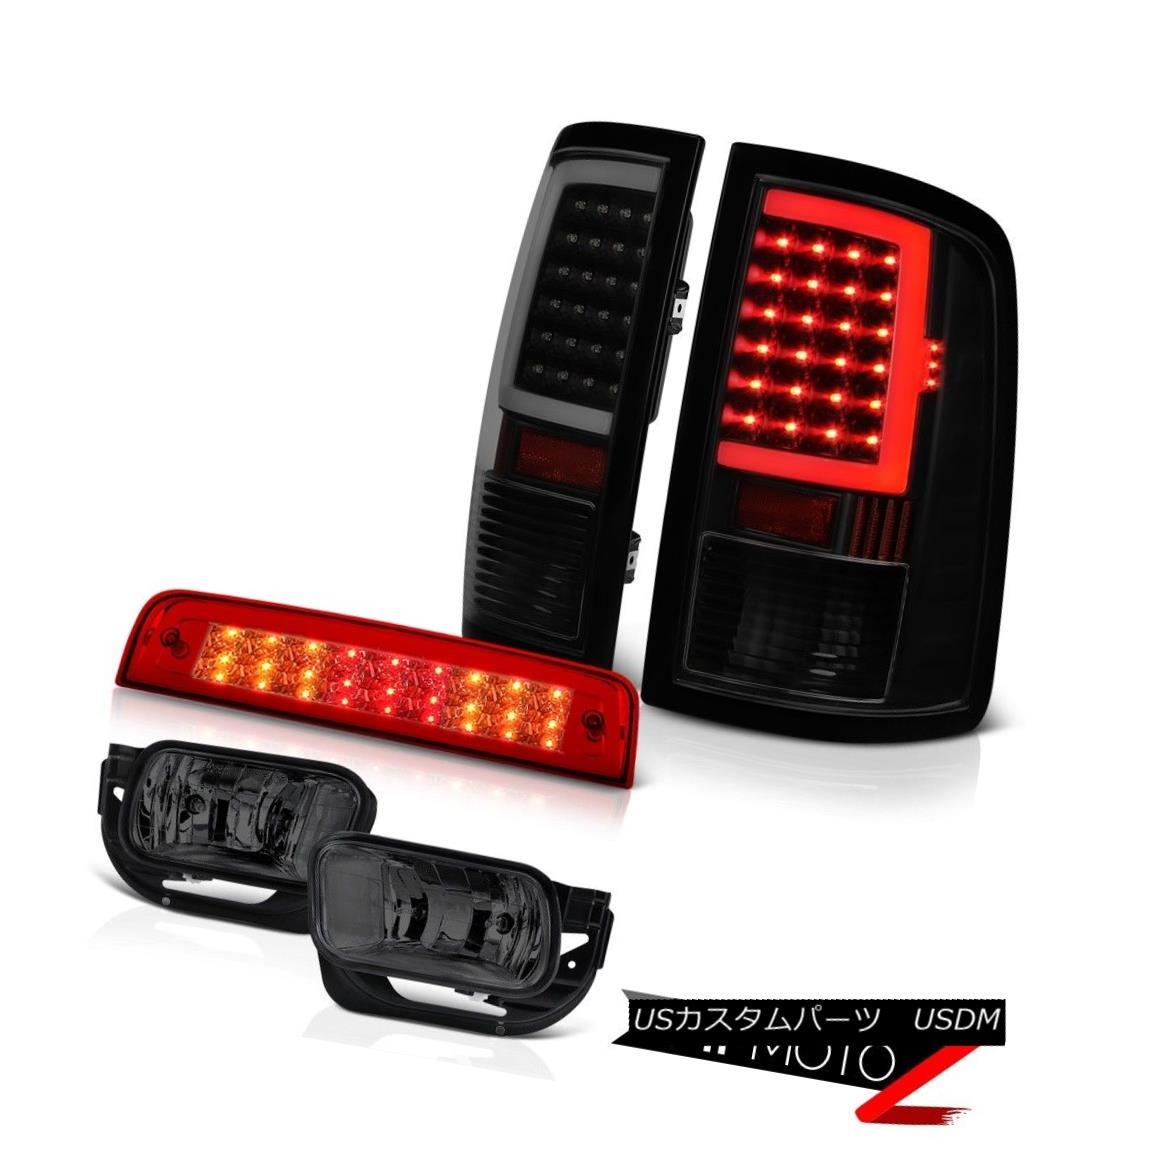 テールライト 09 10 11-13 Dodge RAM 1500 2500 3500 Dark Tinted Led Tail Lights Brake Fog Light 09 10 11-13ダッジRAM 1500 2500 3500ダークテールライトテールライトブレーキフォグライト